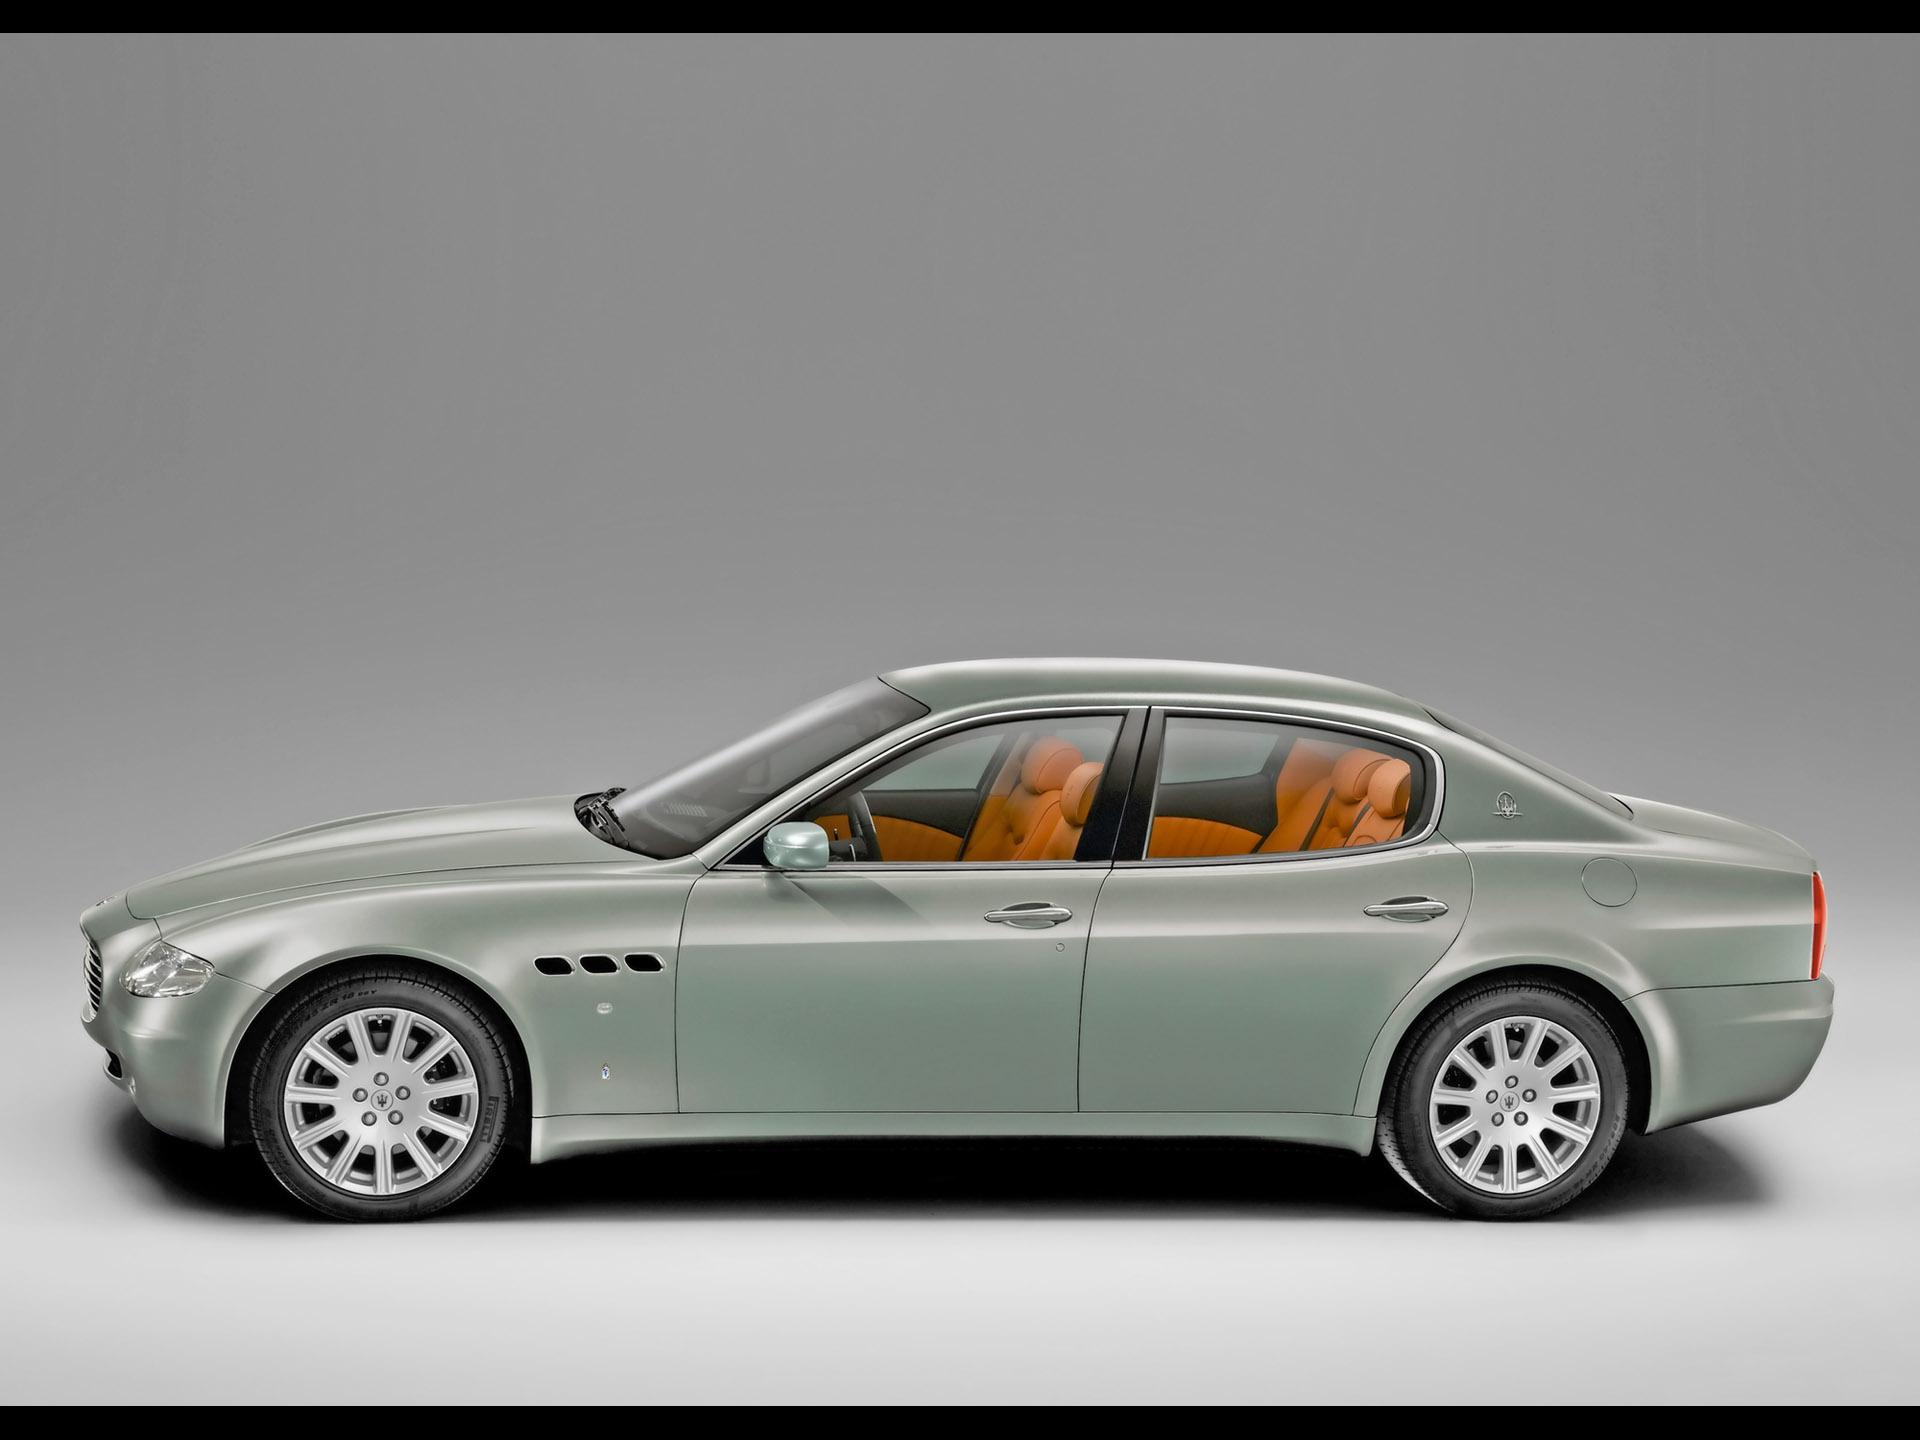 2004 Maserati Quattroporte Image